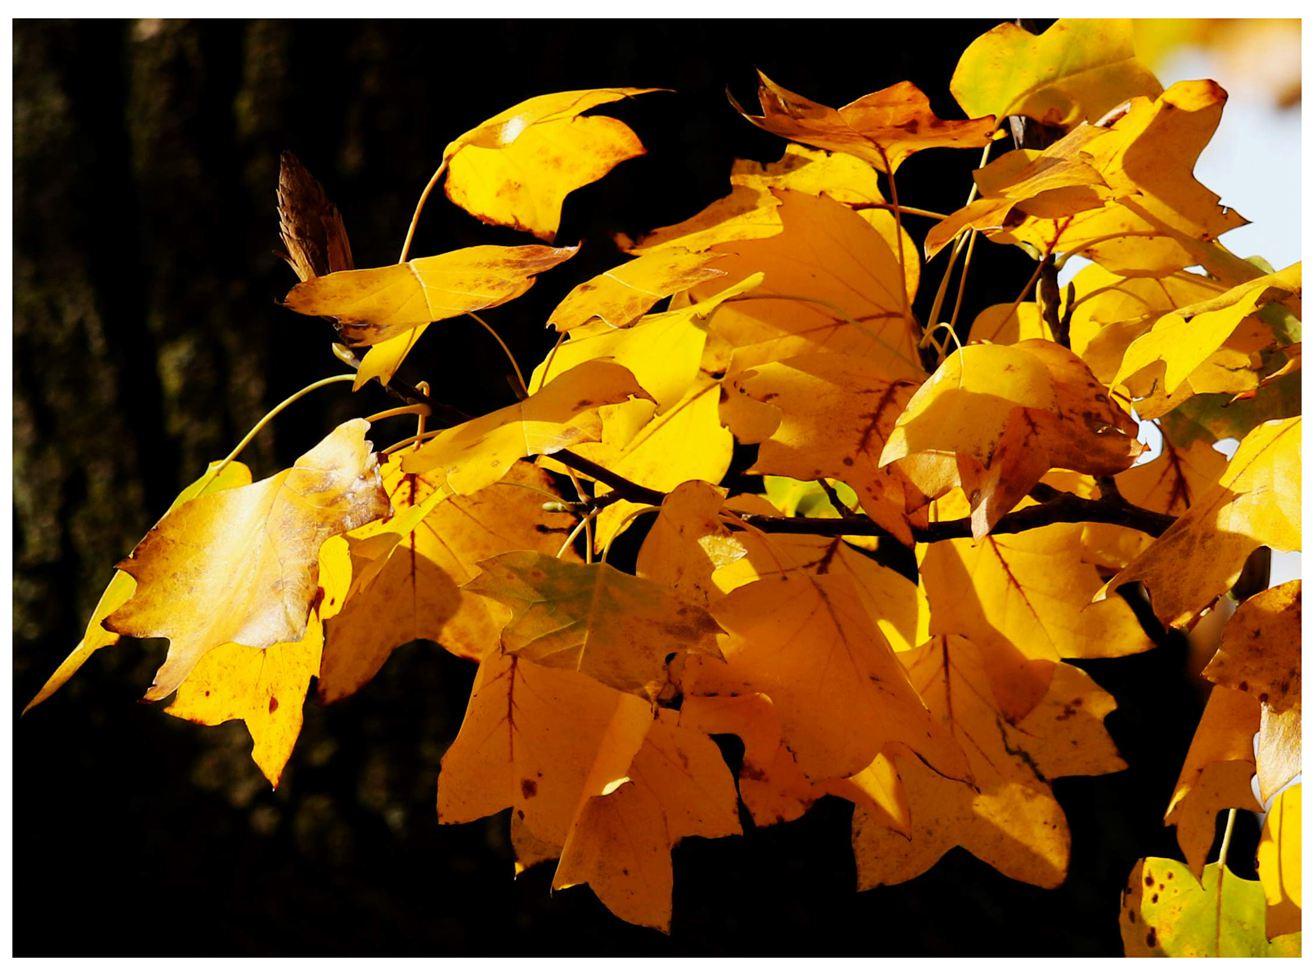 风光] 叶到红时勘比花—实拍美国东部深秋红叶_图1-1